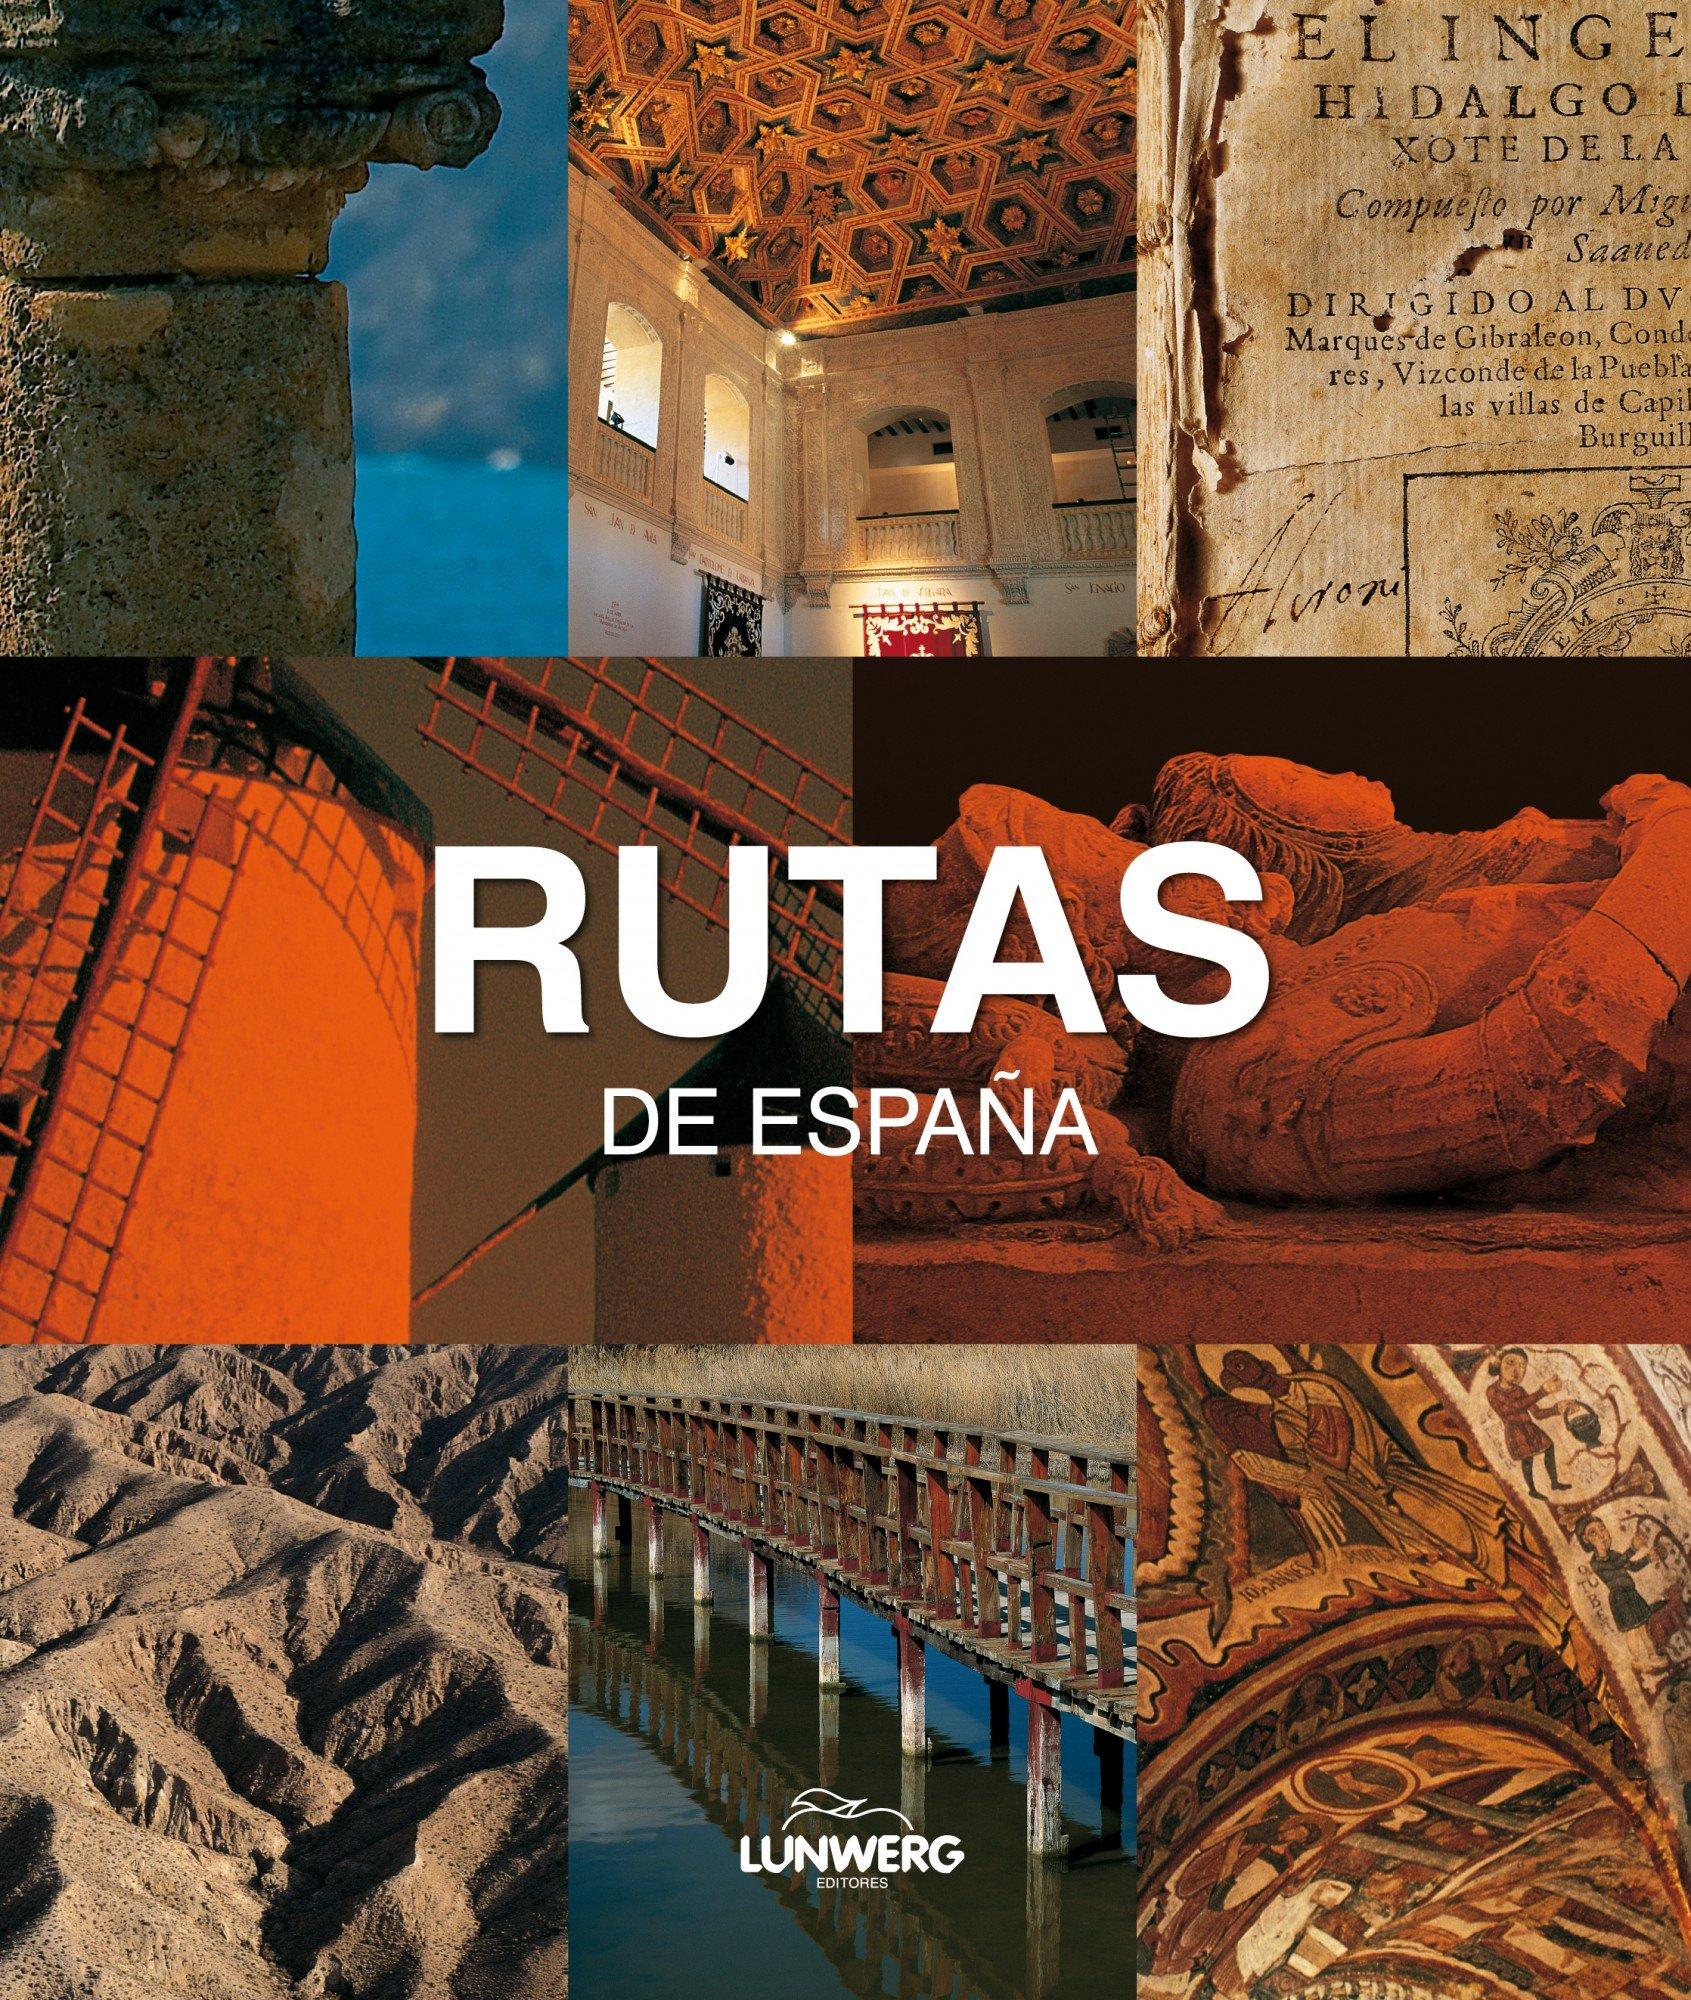 Rutas de España. Lunwerg Medium: Amazon.es: Ávila Granados, Jesús: Libros